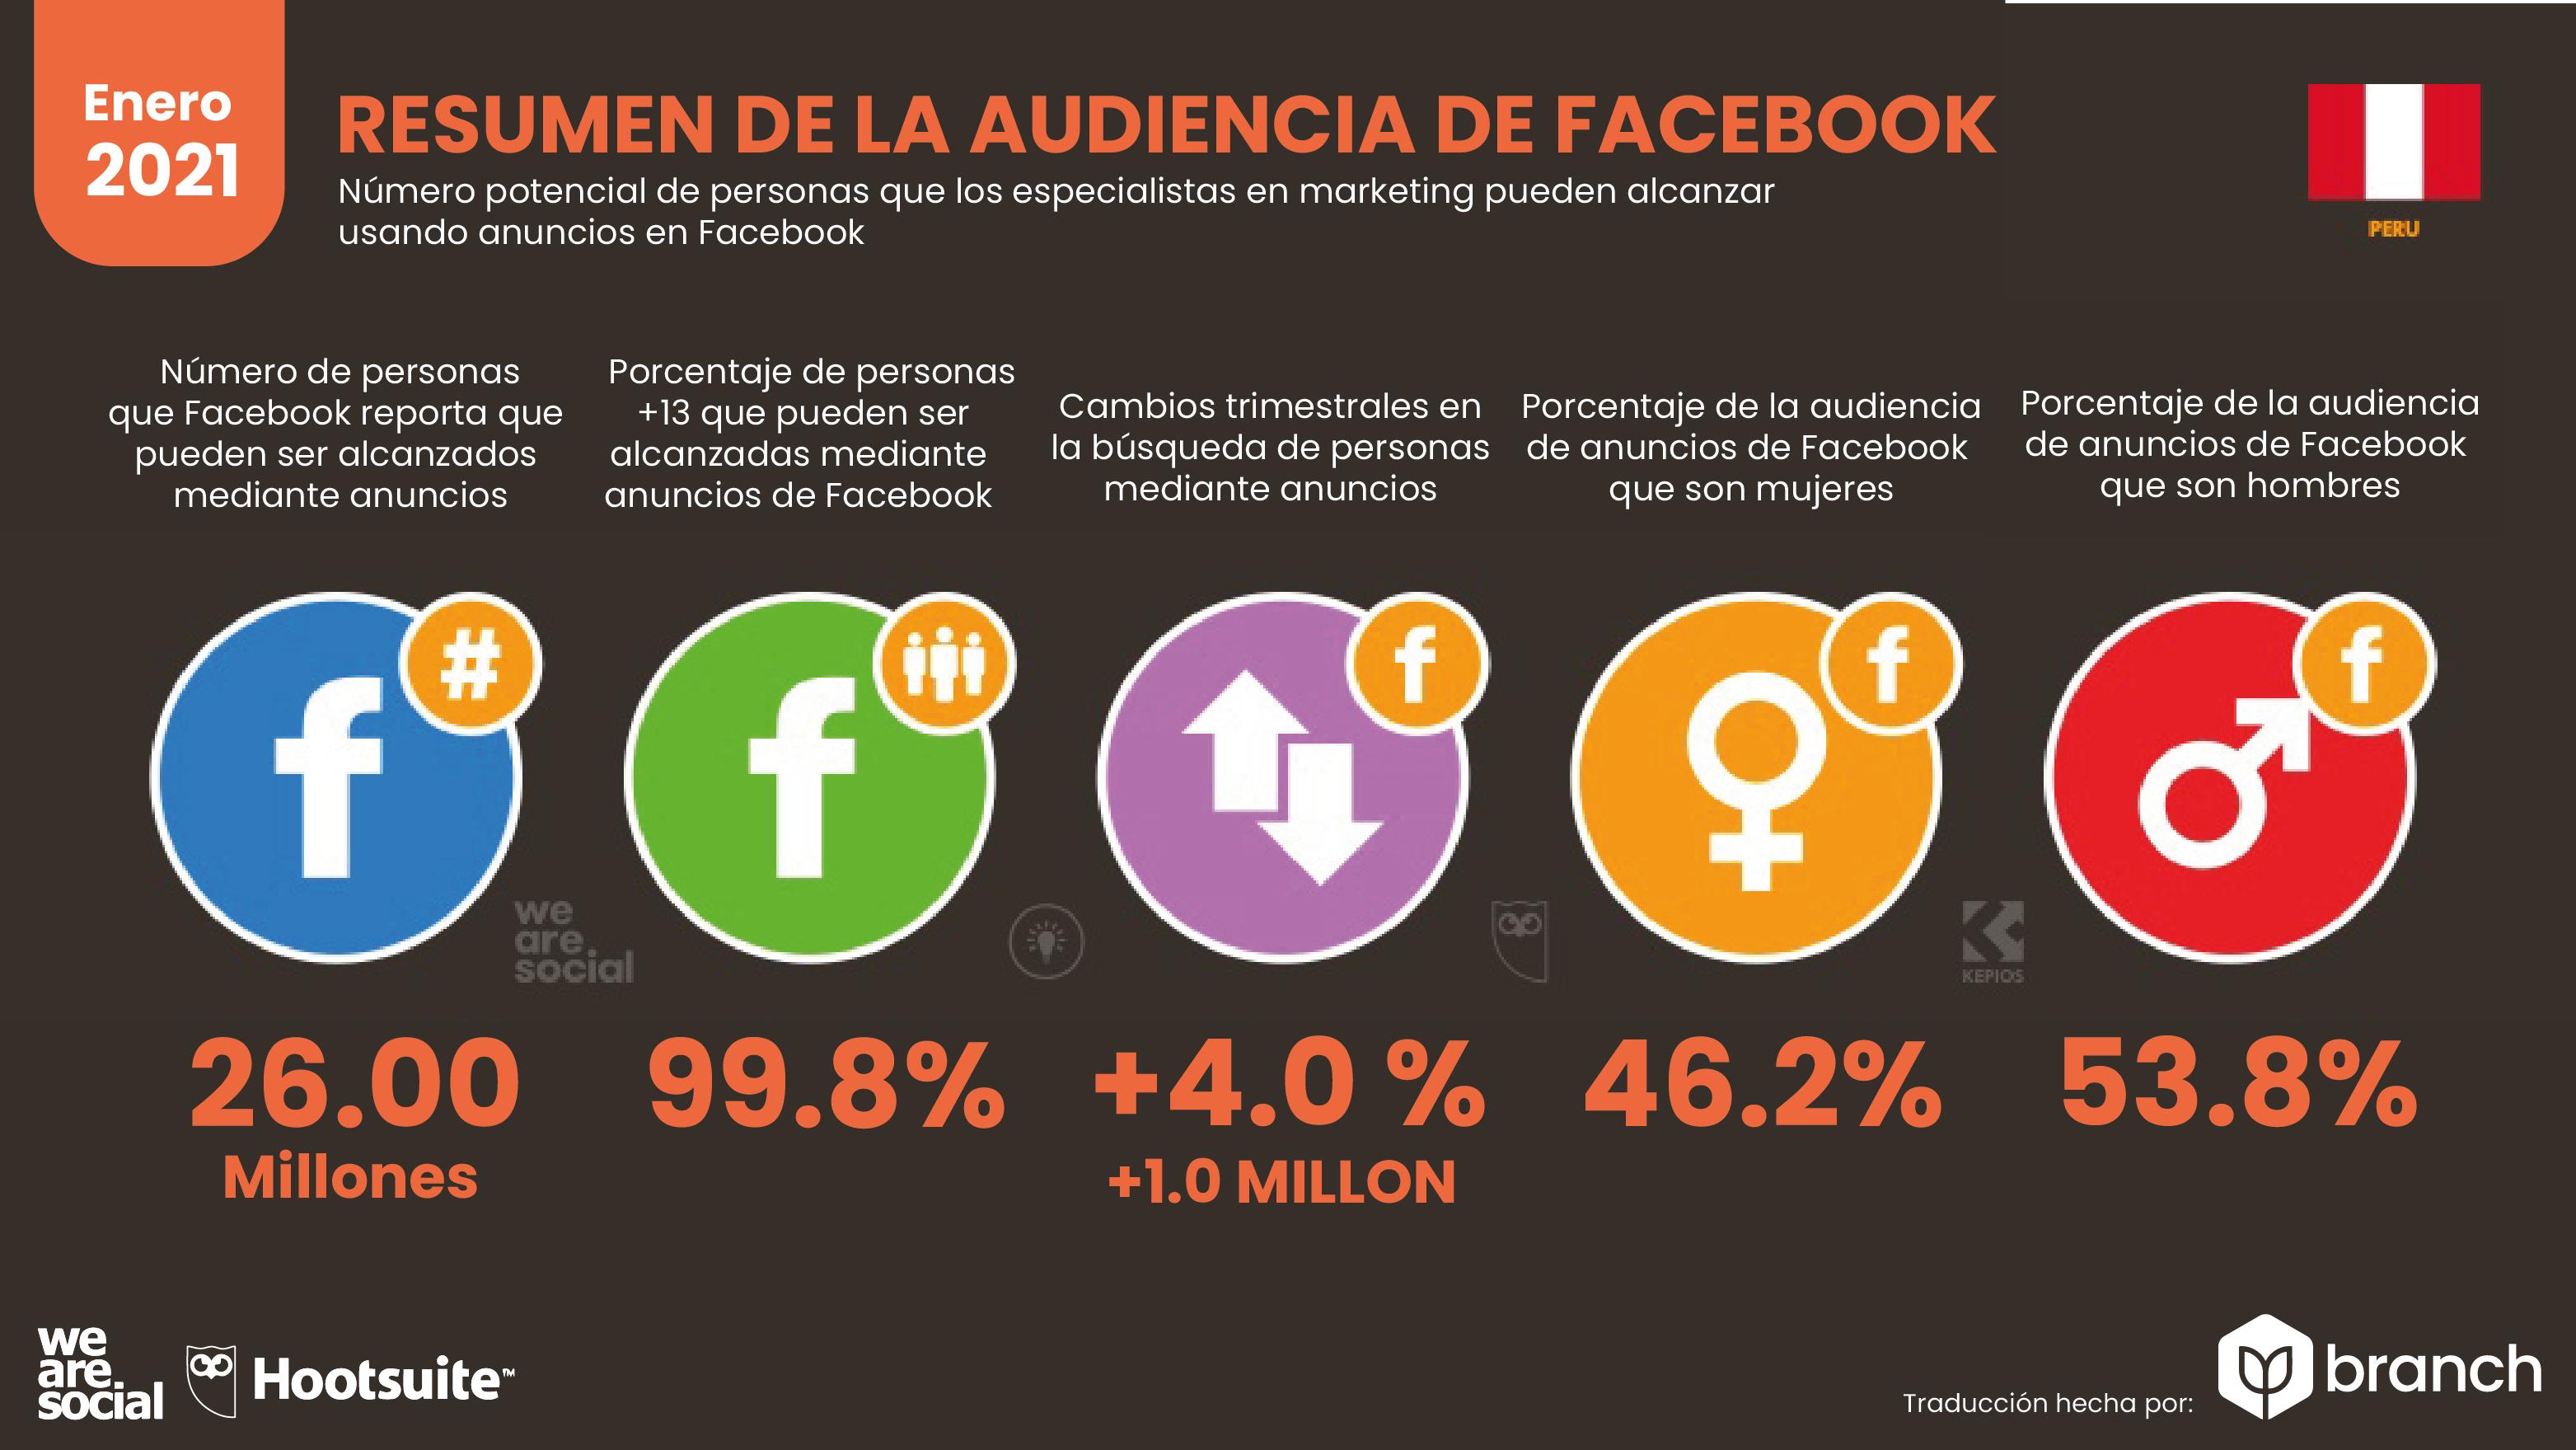 audiencia-de-facebook-en-peru-2021